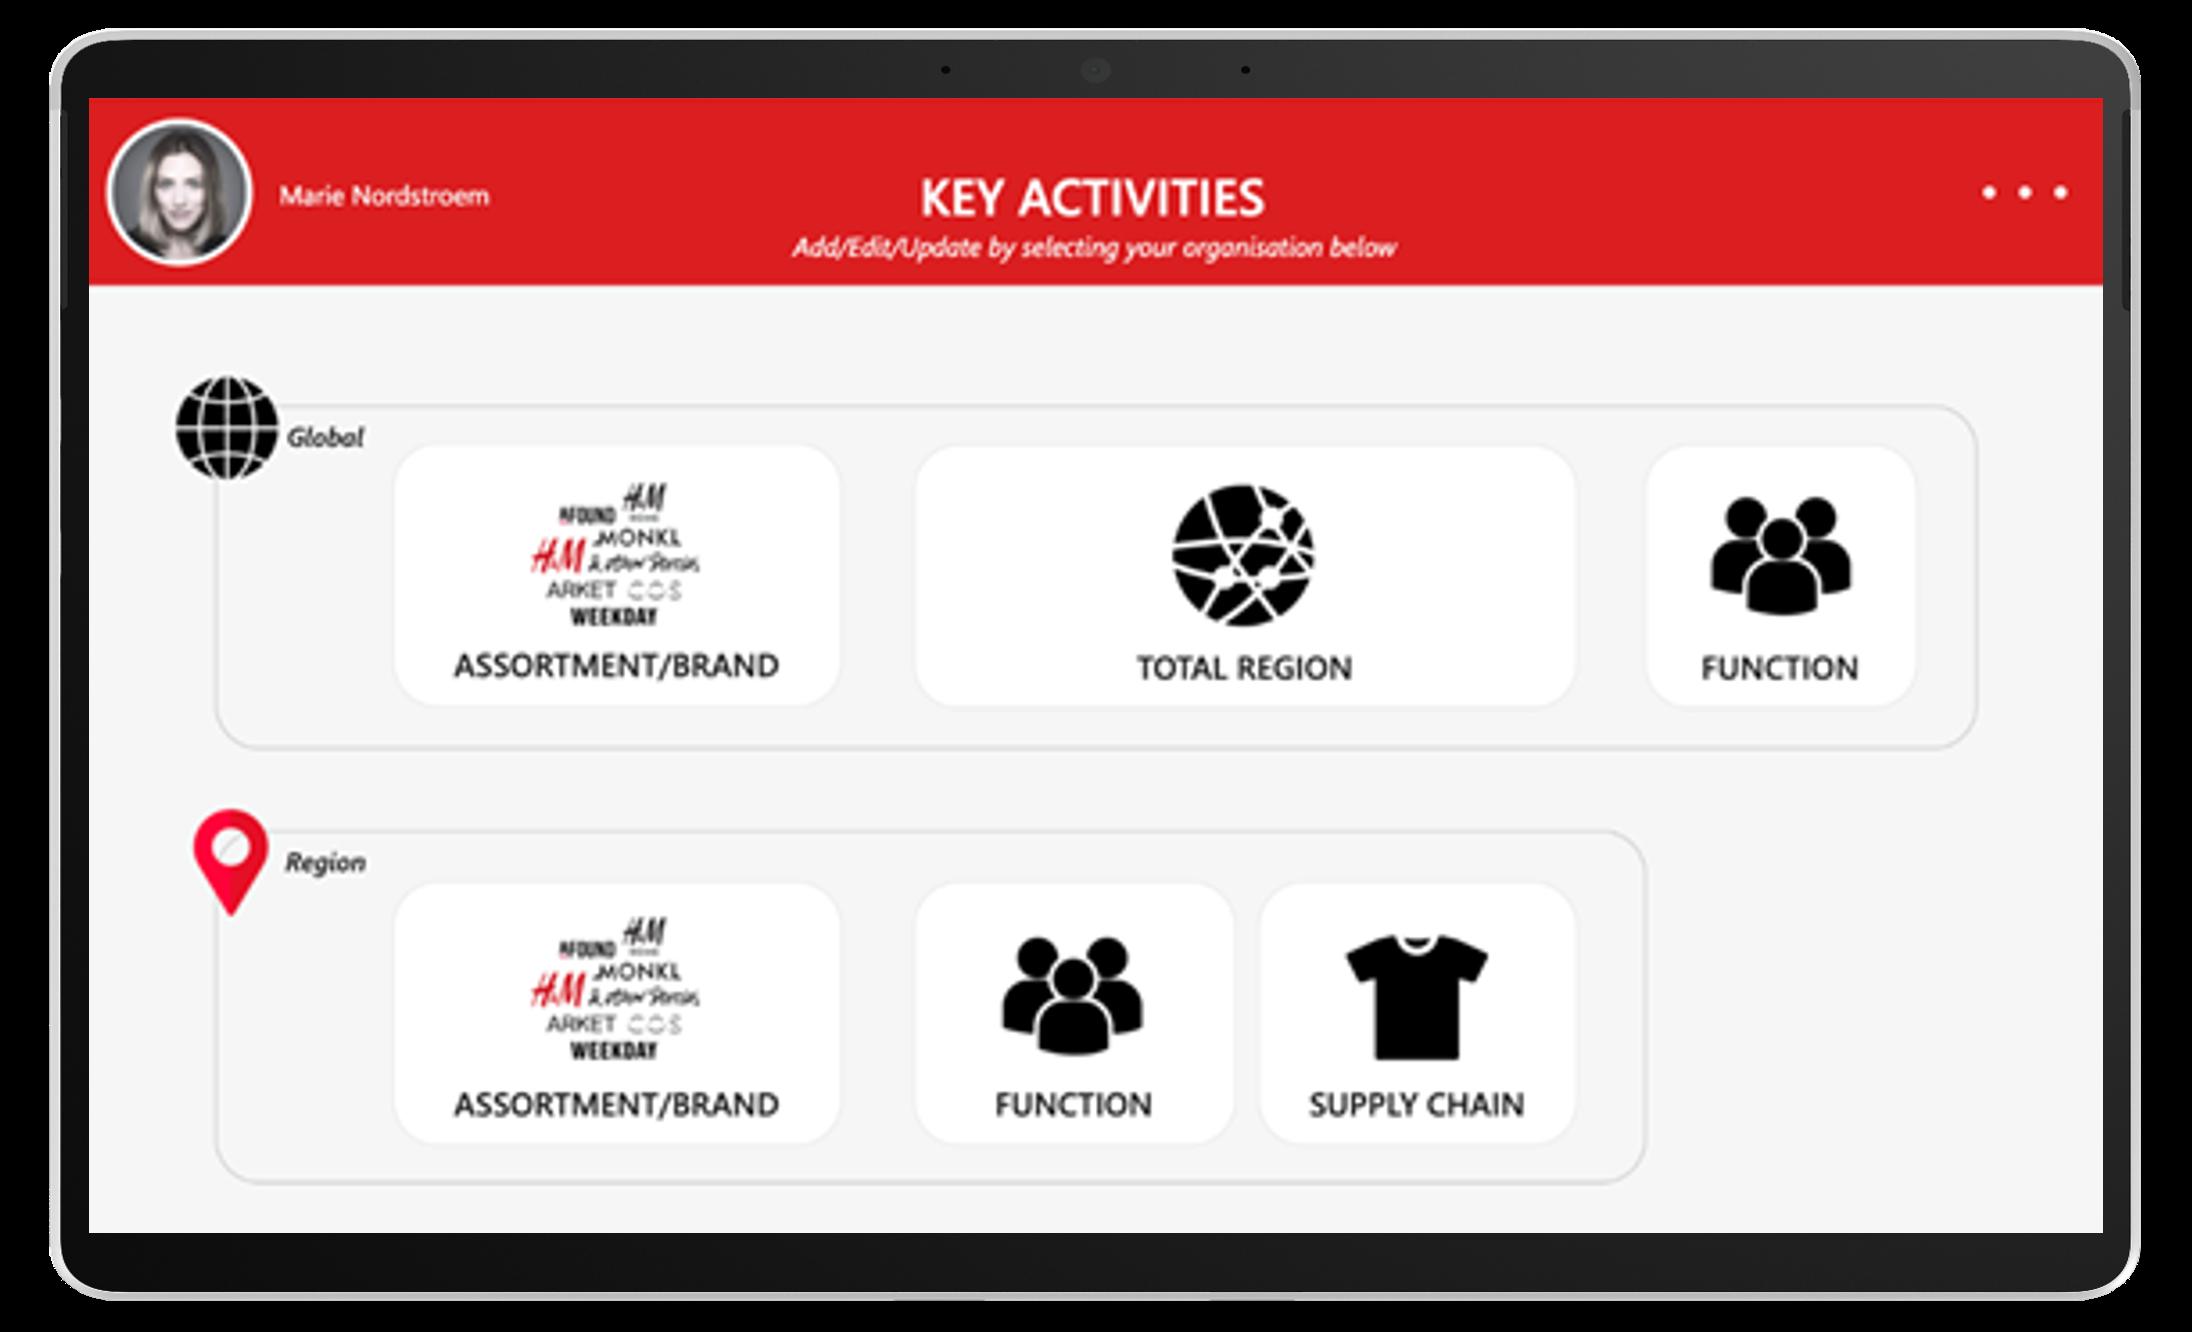 Screenshot of Power Apps solution - Key Activities app